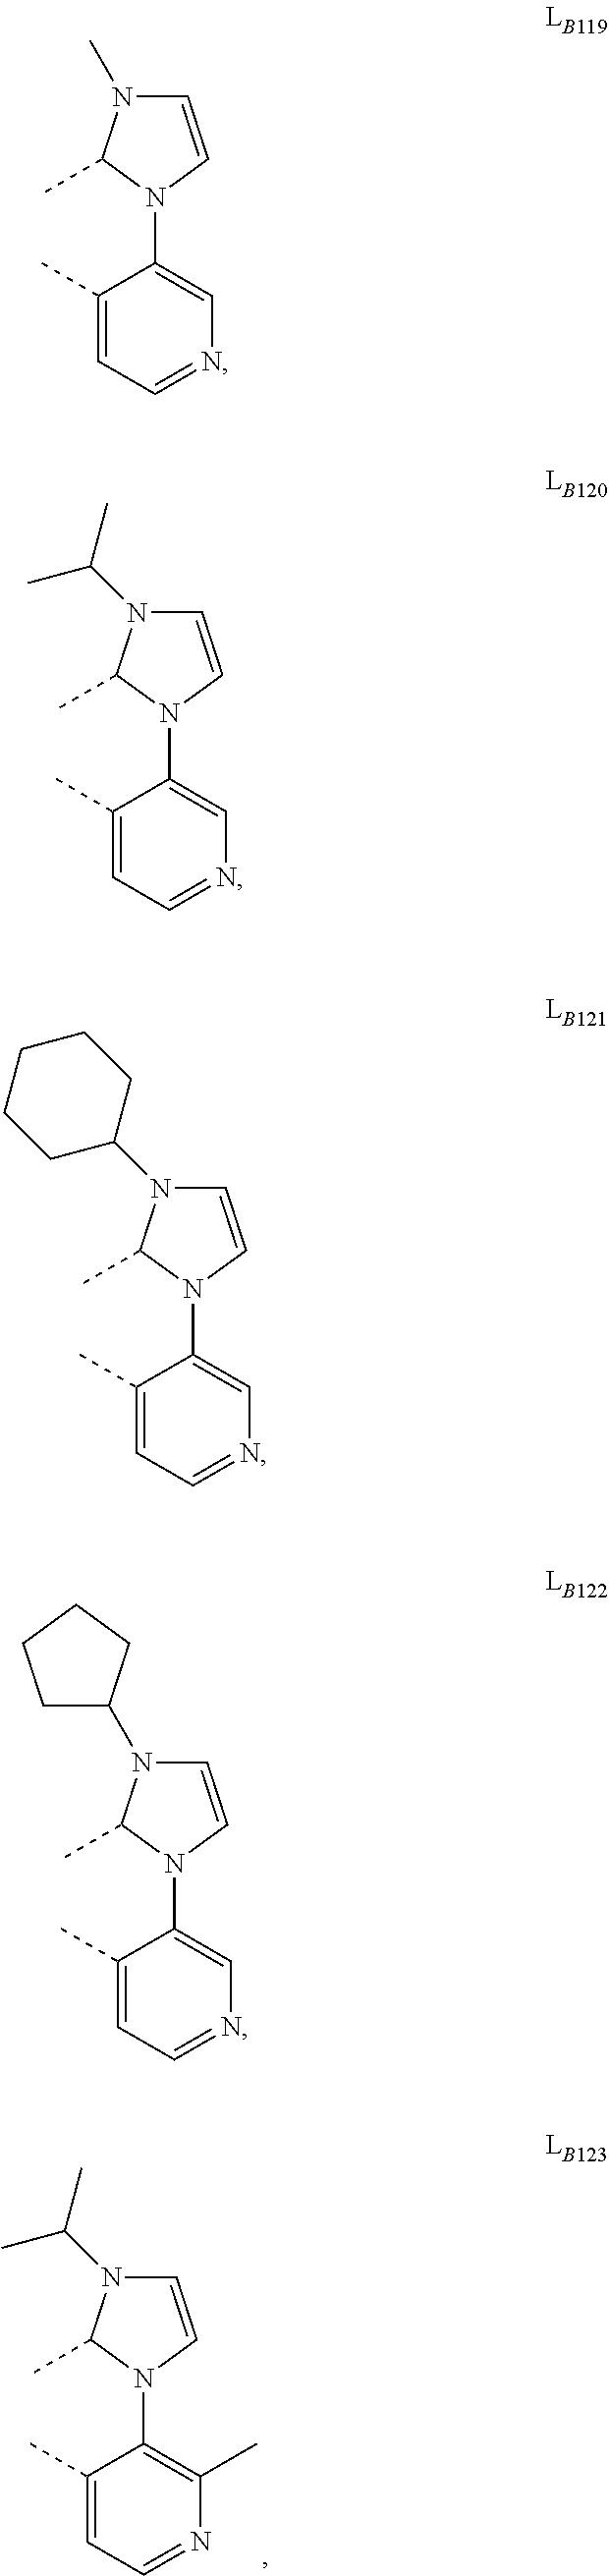 Figure US09905785-20180227-C00584